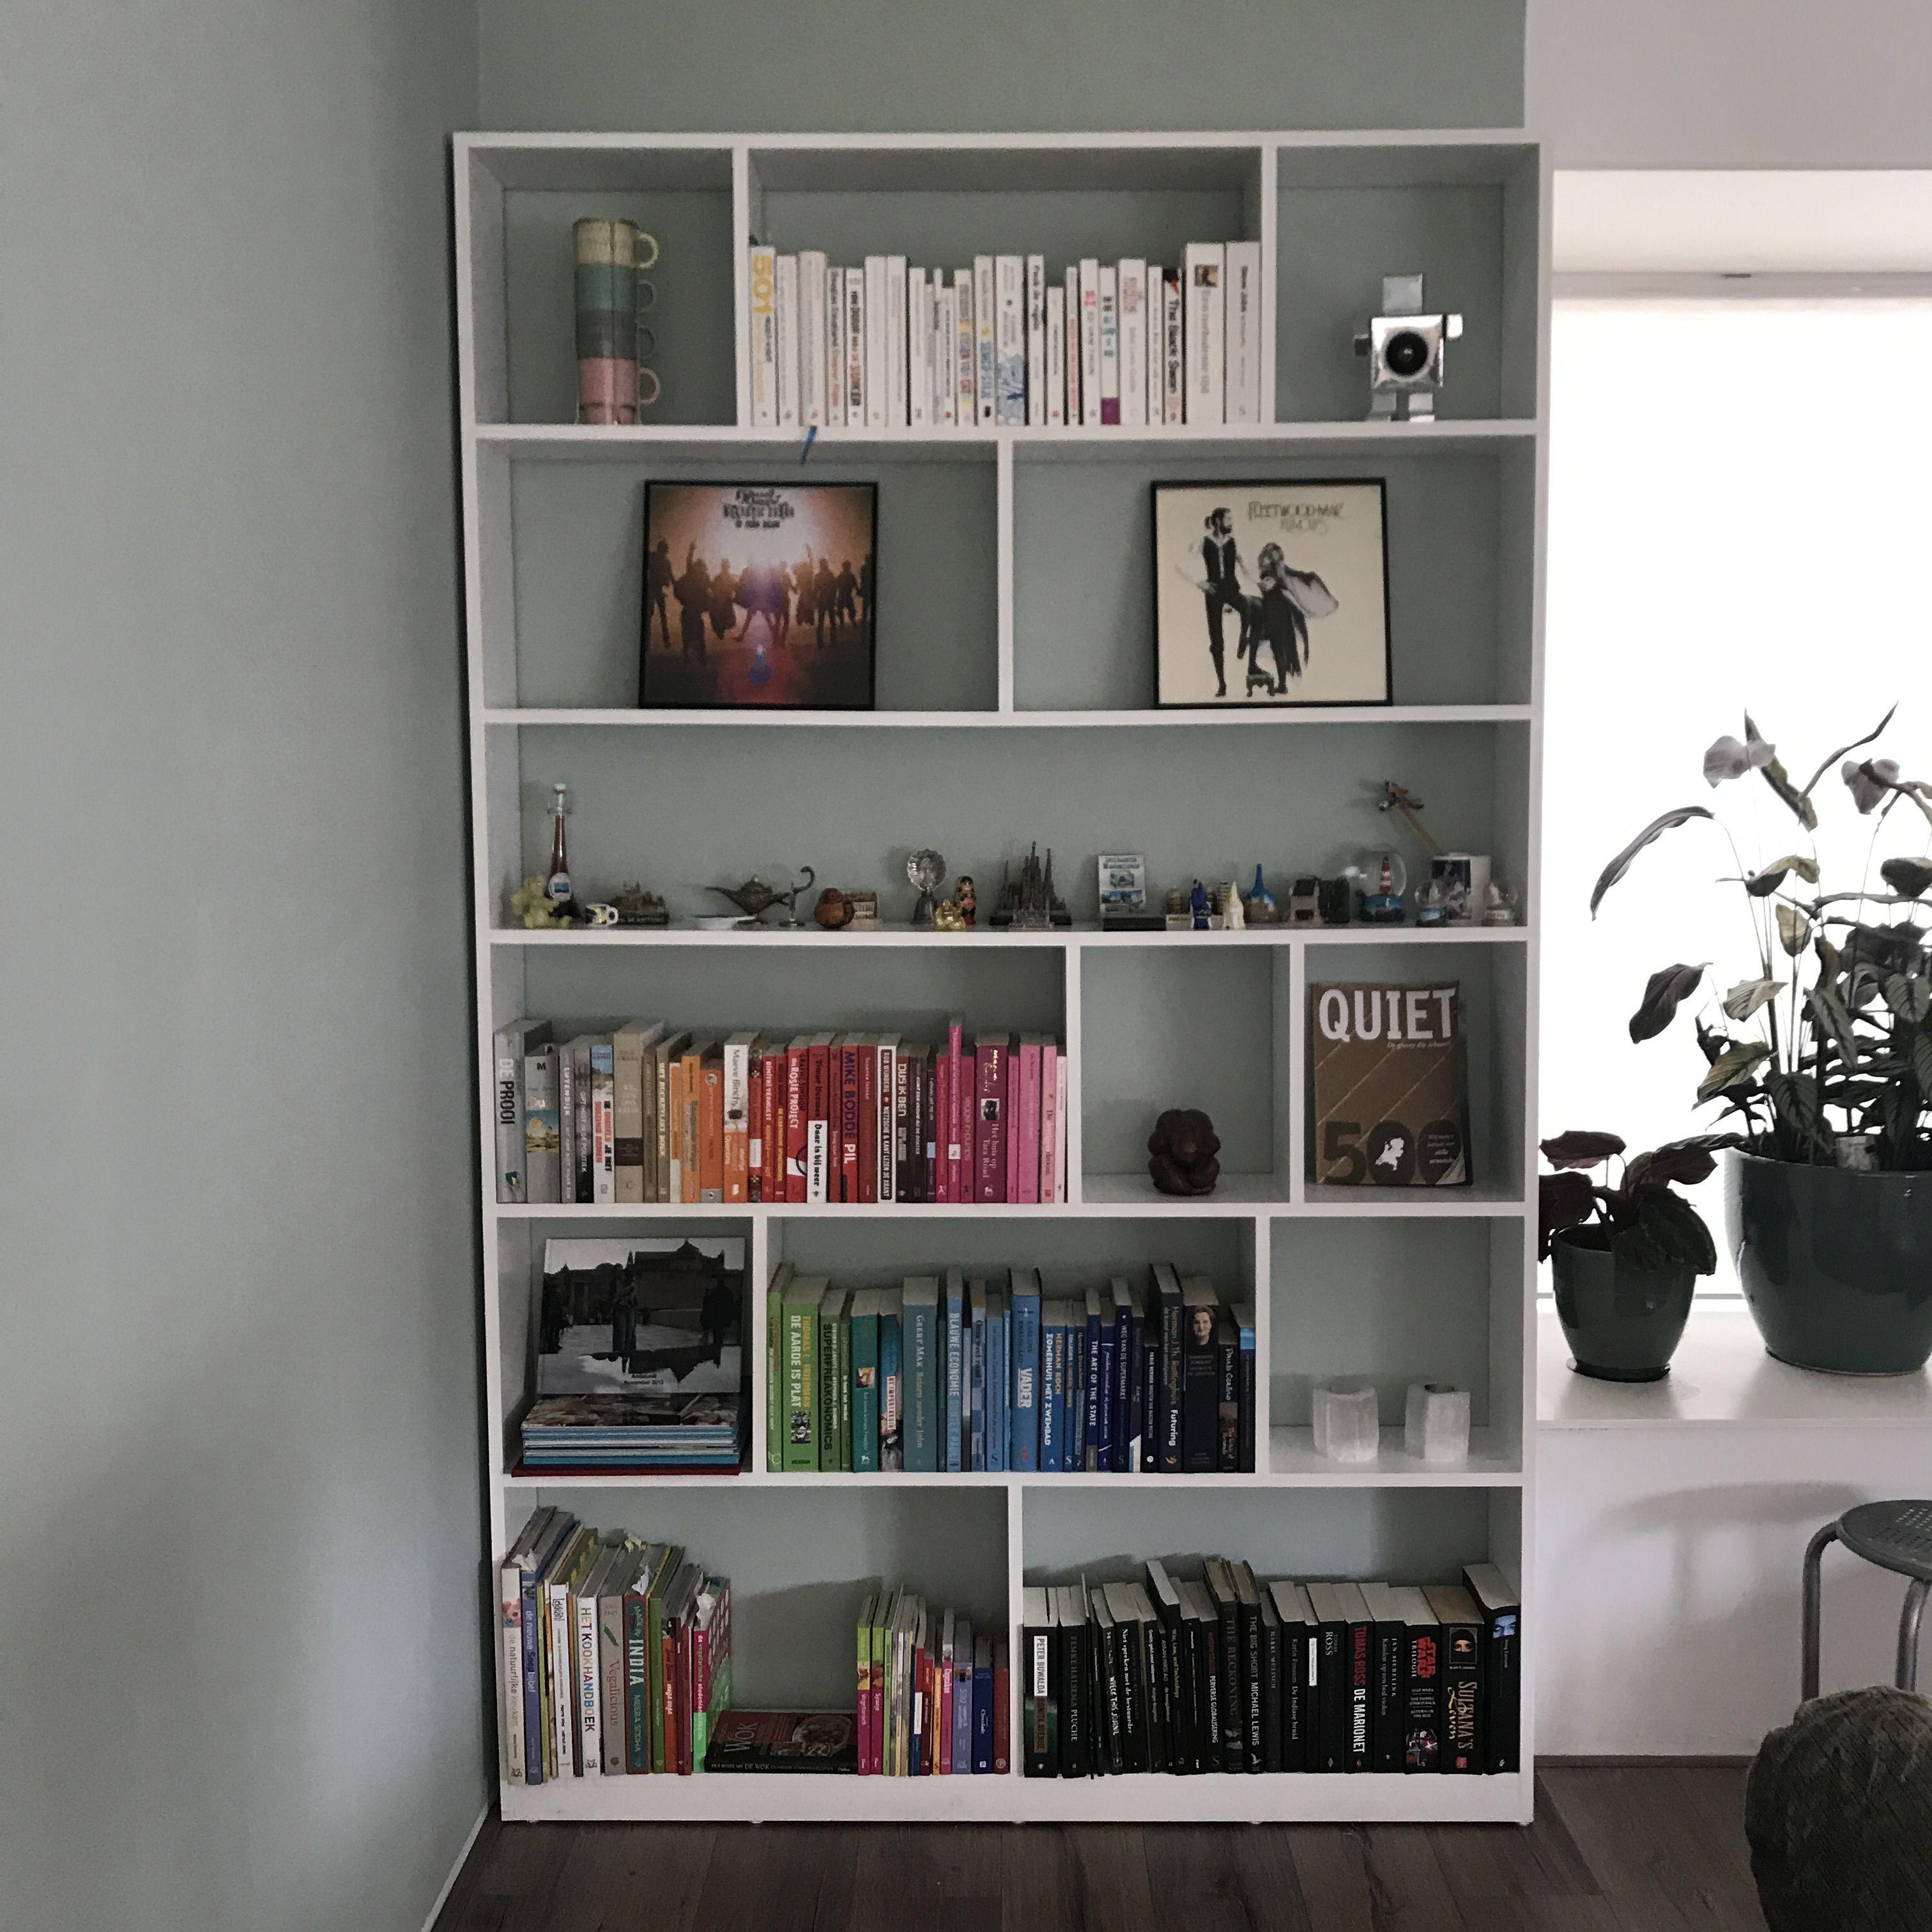 onze zelfgebouwde boekenkast gemaakt van mdf tegen een gekleurde muur gamma kleur oldtimer